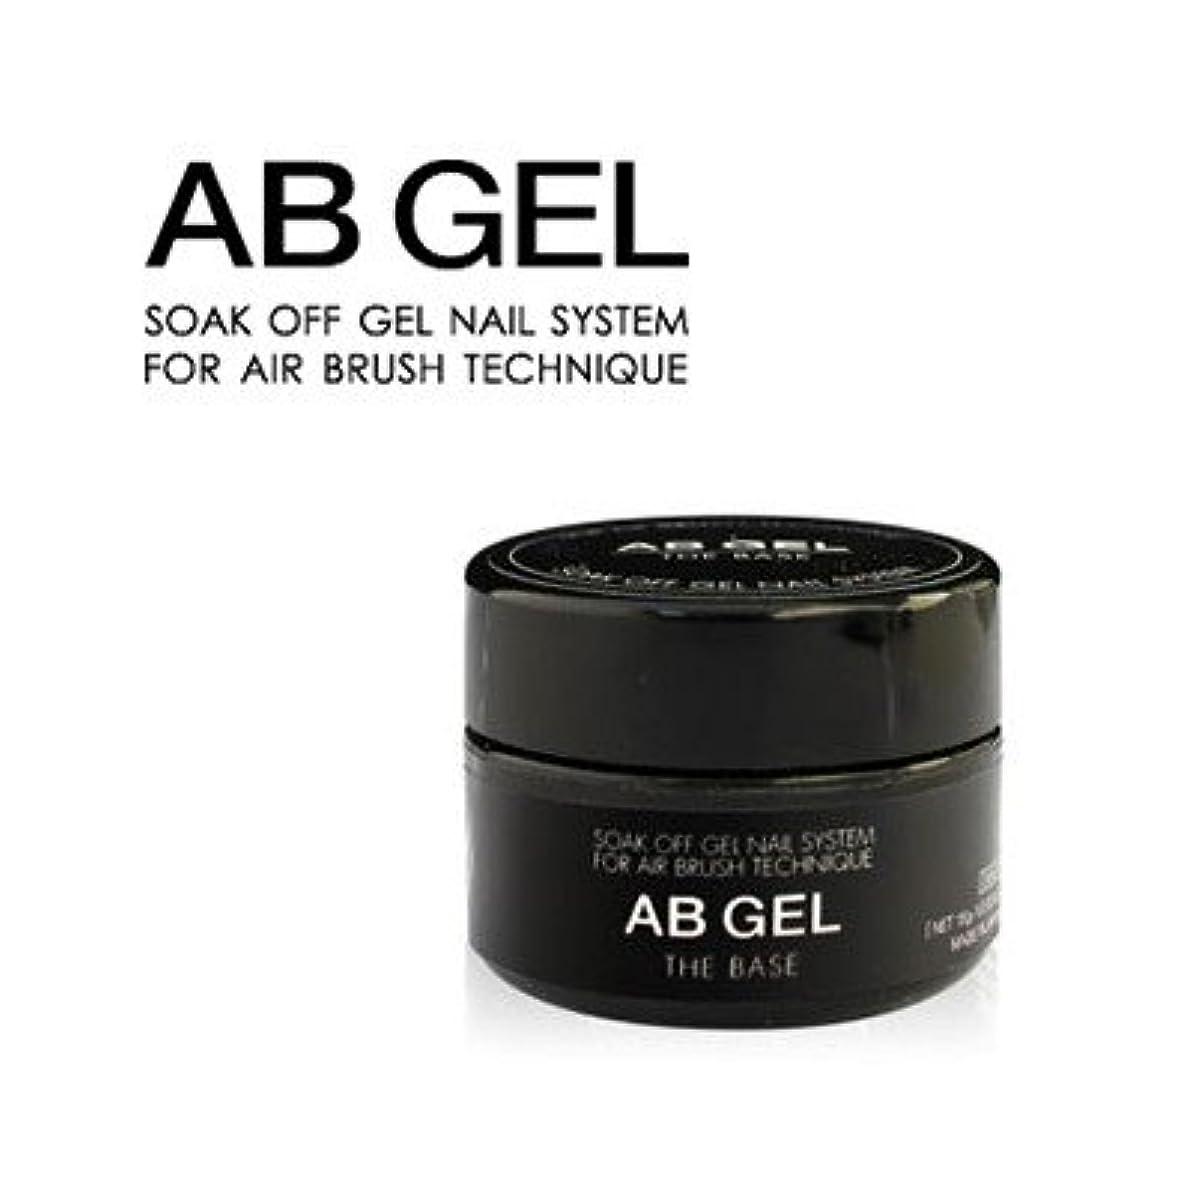 無能くるみレクリエーションベースジェル ジェルネイル AB GEL THE BASE 15g